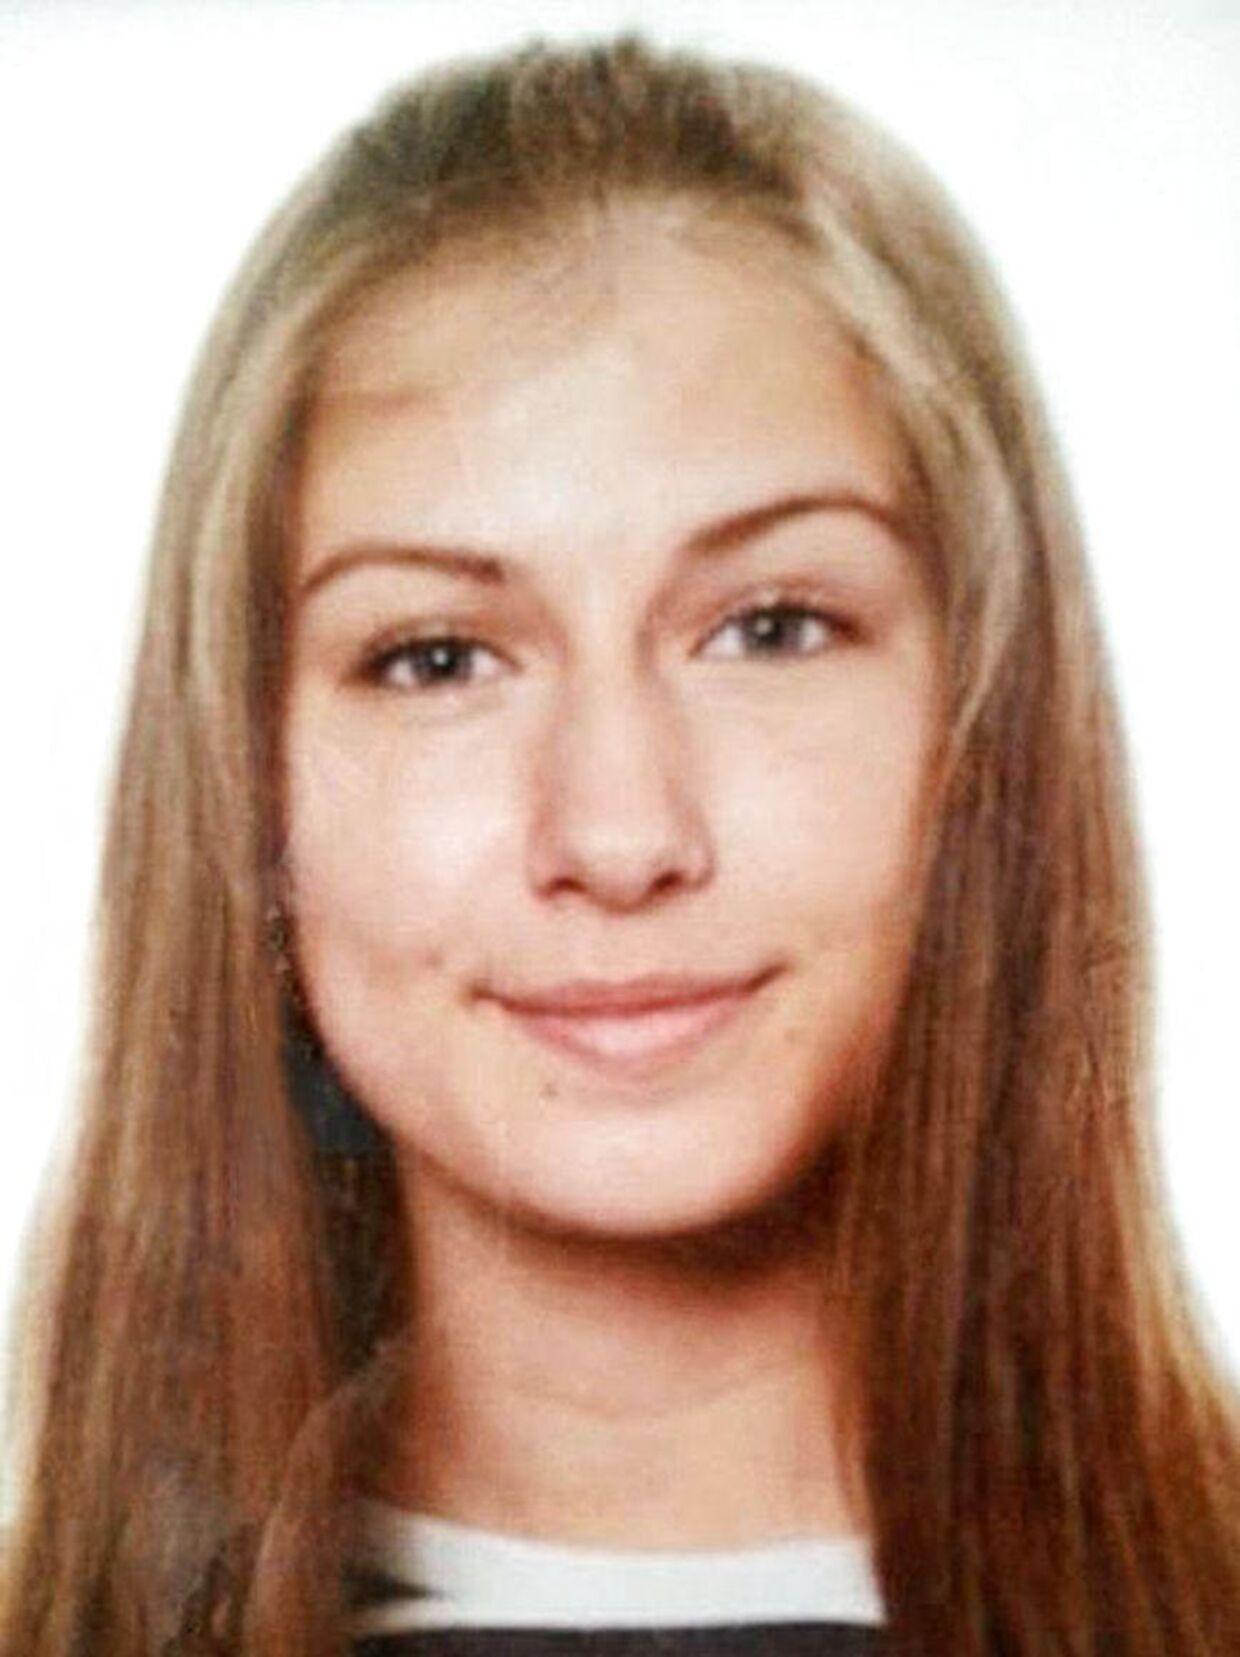 Den 10. juli i år er det fire år siden, at Emilie Meng forsvandt på vej hjem fra en bytur.